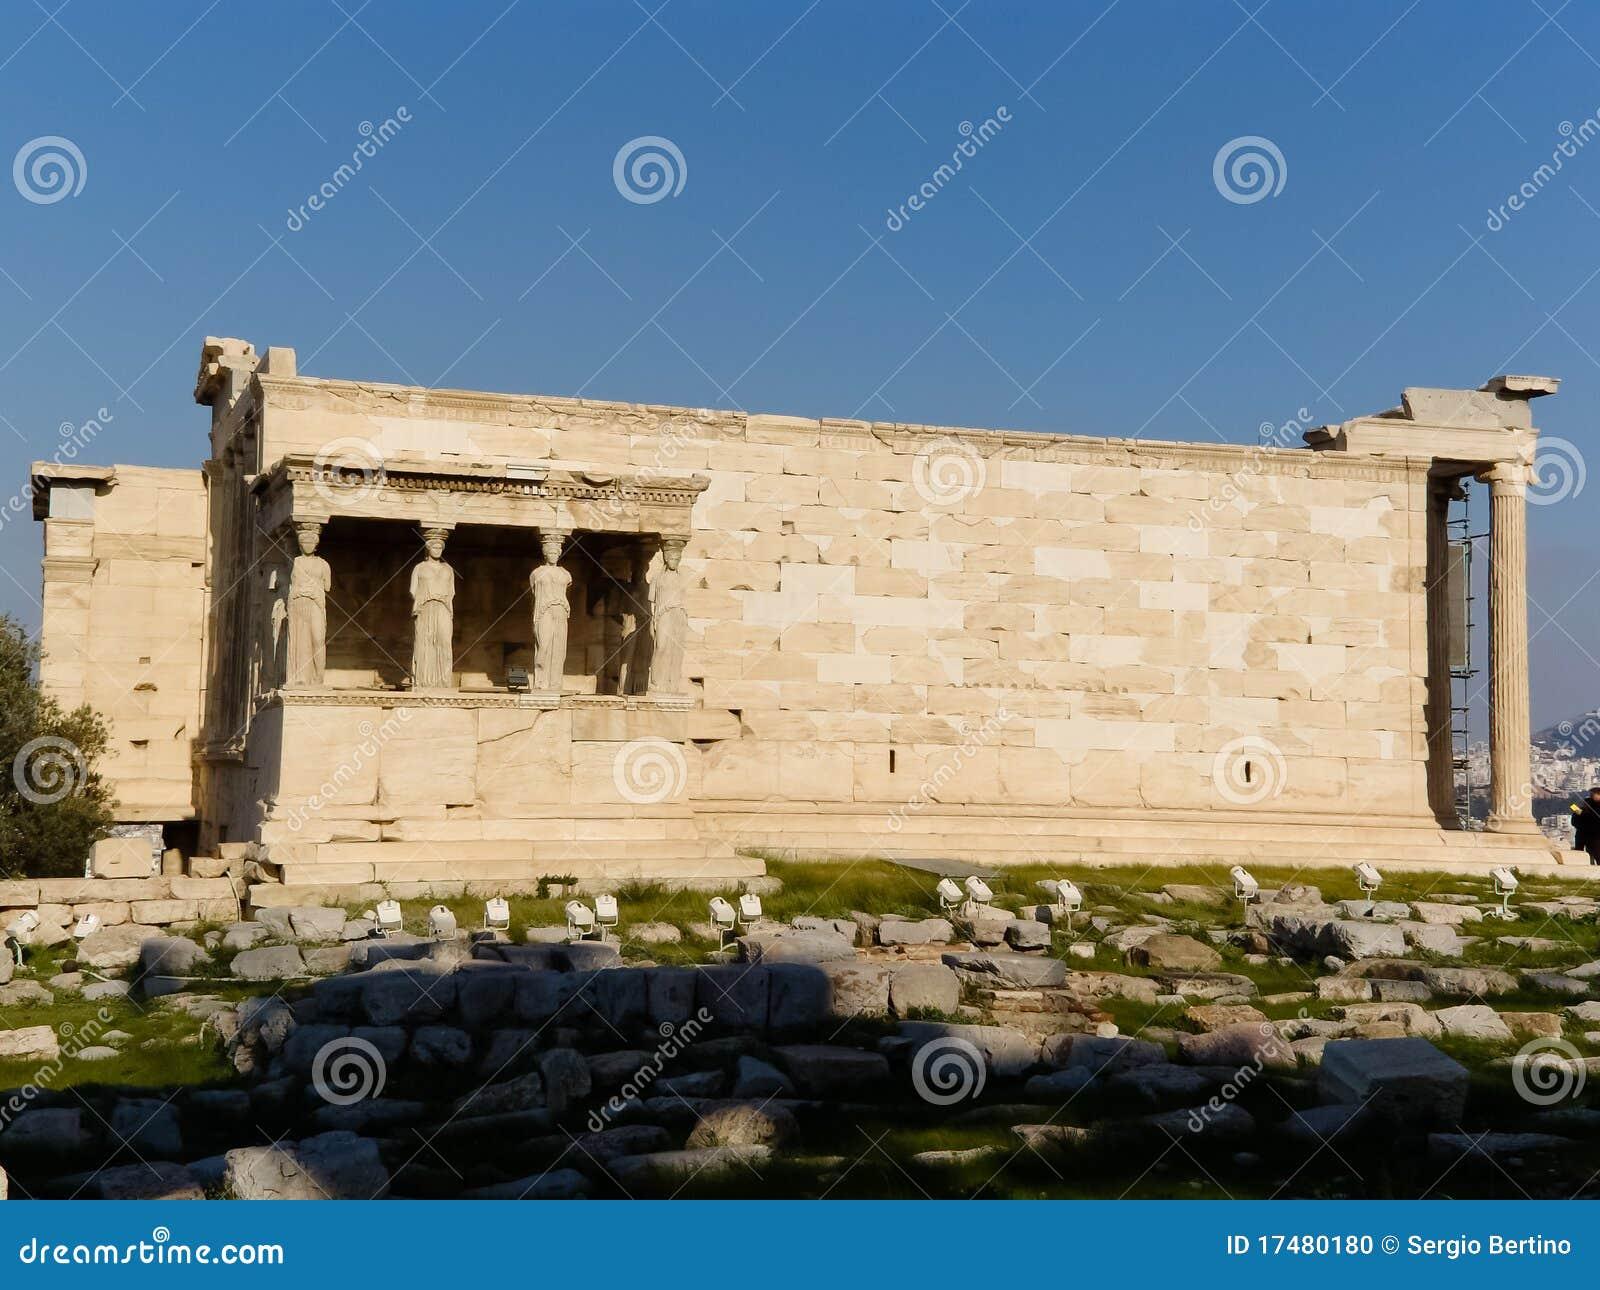 Temple Of Athena Parthenos Stock Photo - Image: 17480180